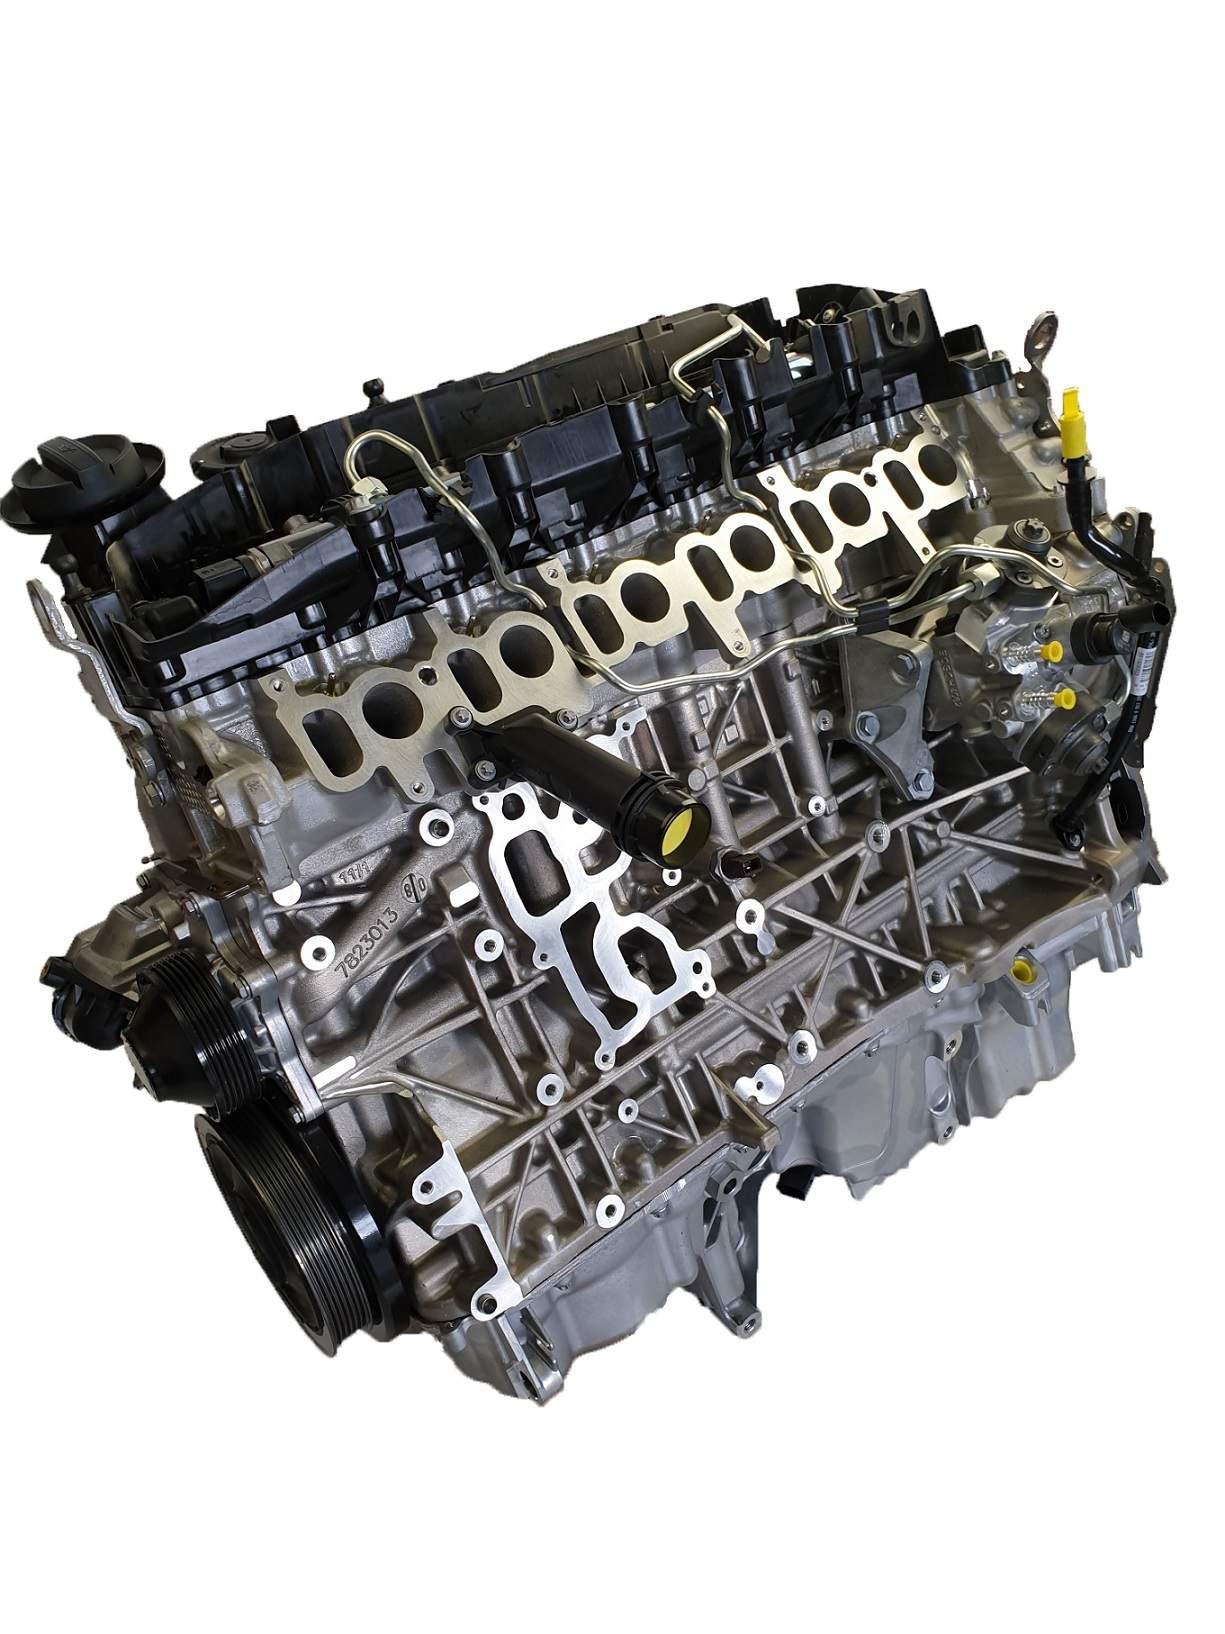 Ebay Garten Reizend Bmw 5 Gt F07 3 0d Motor N57d30a